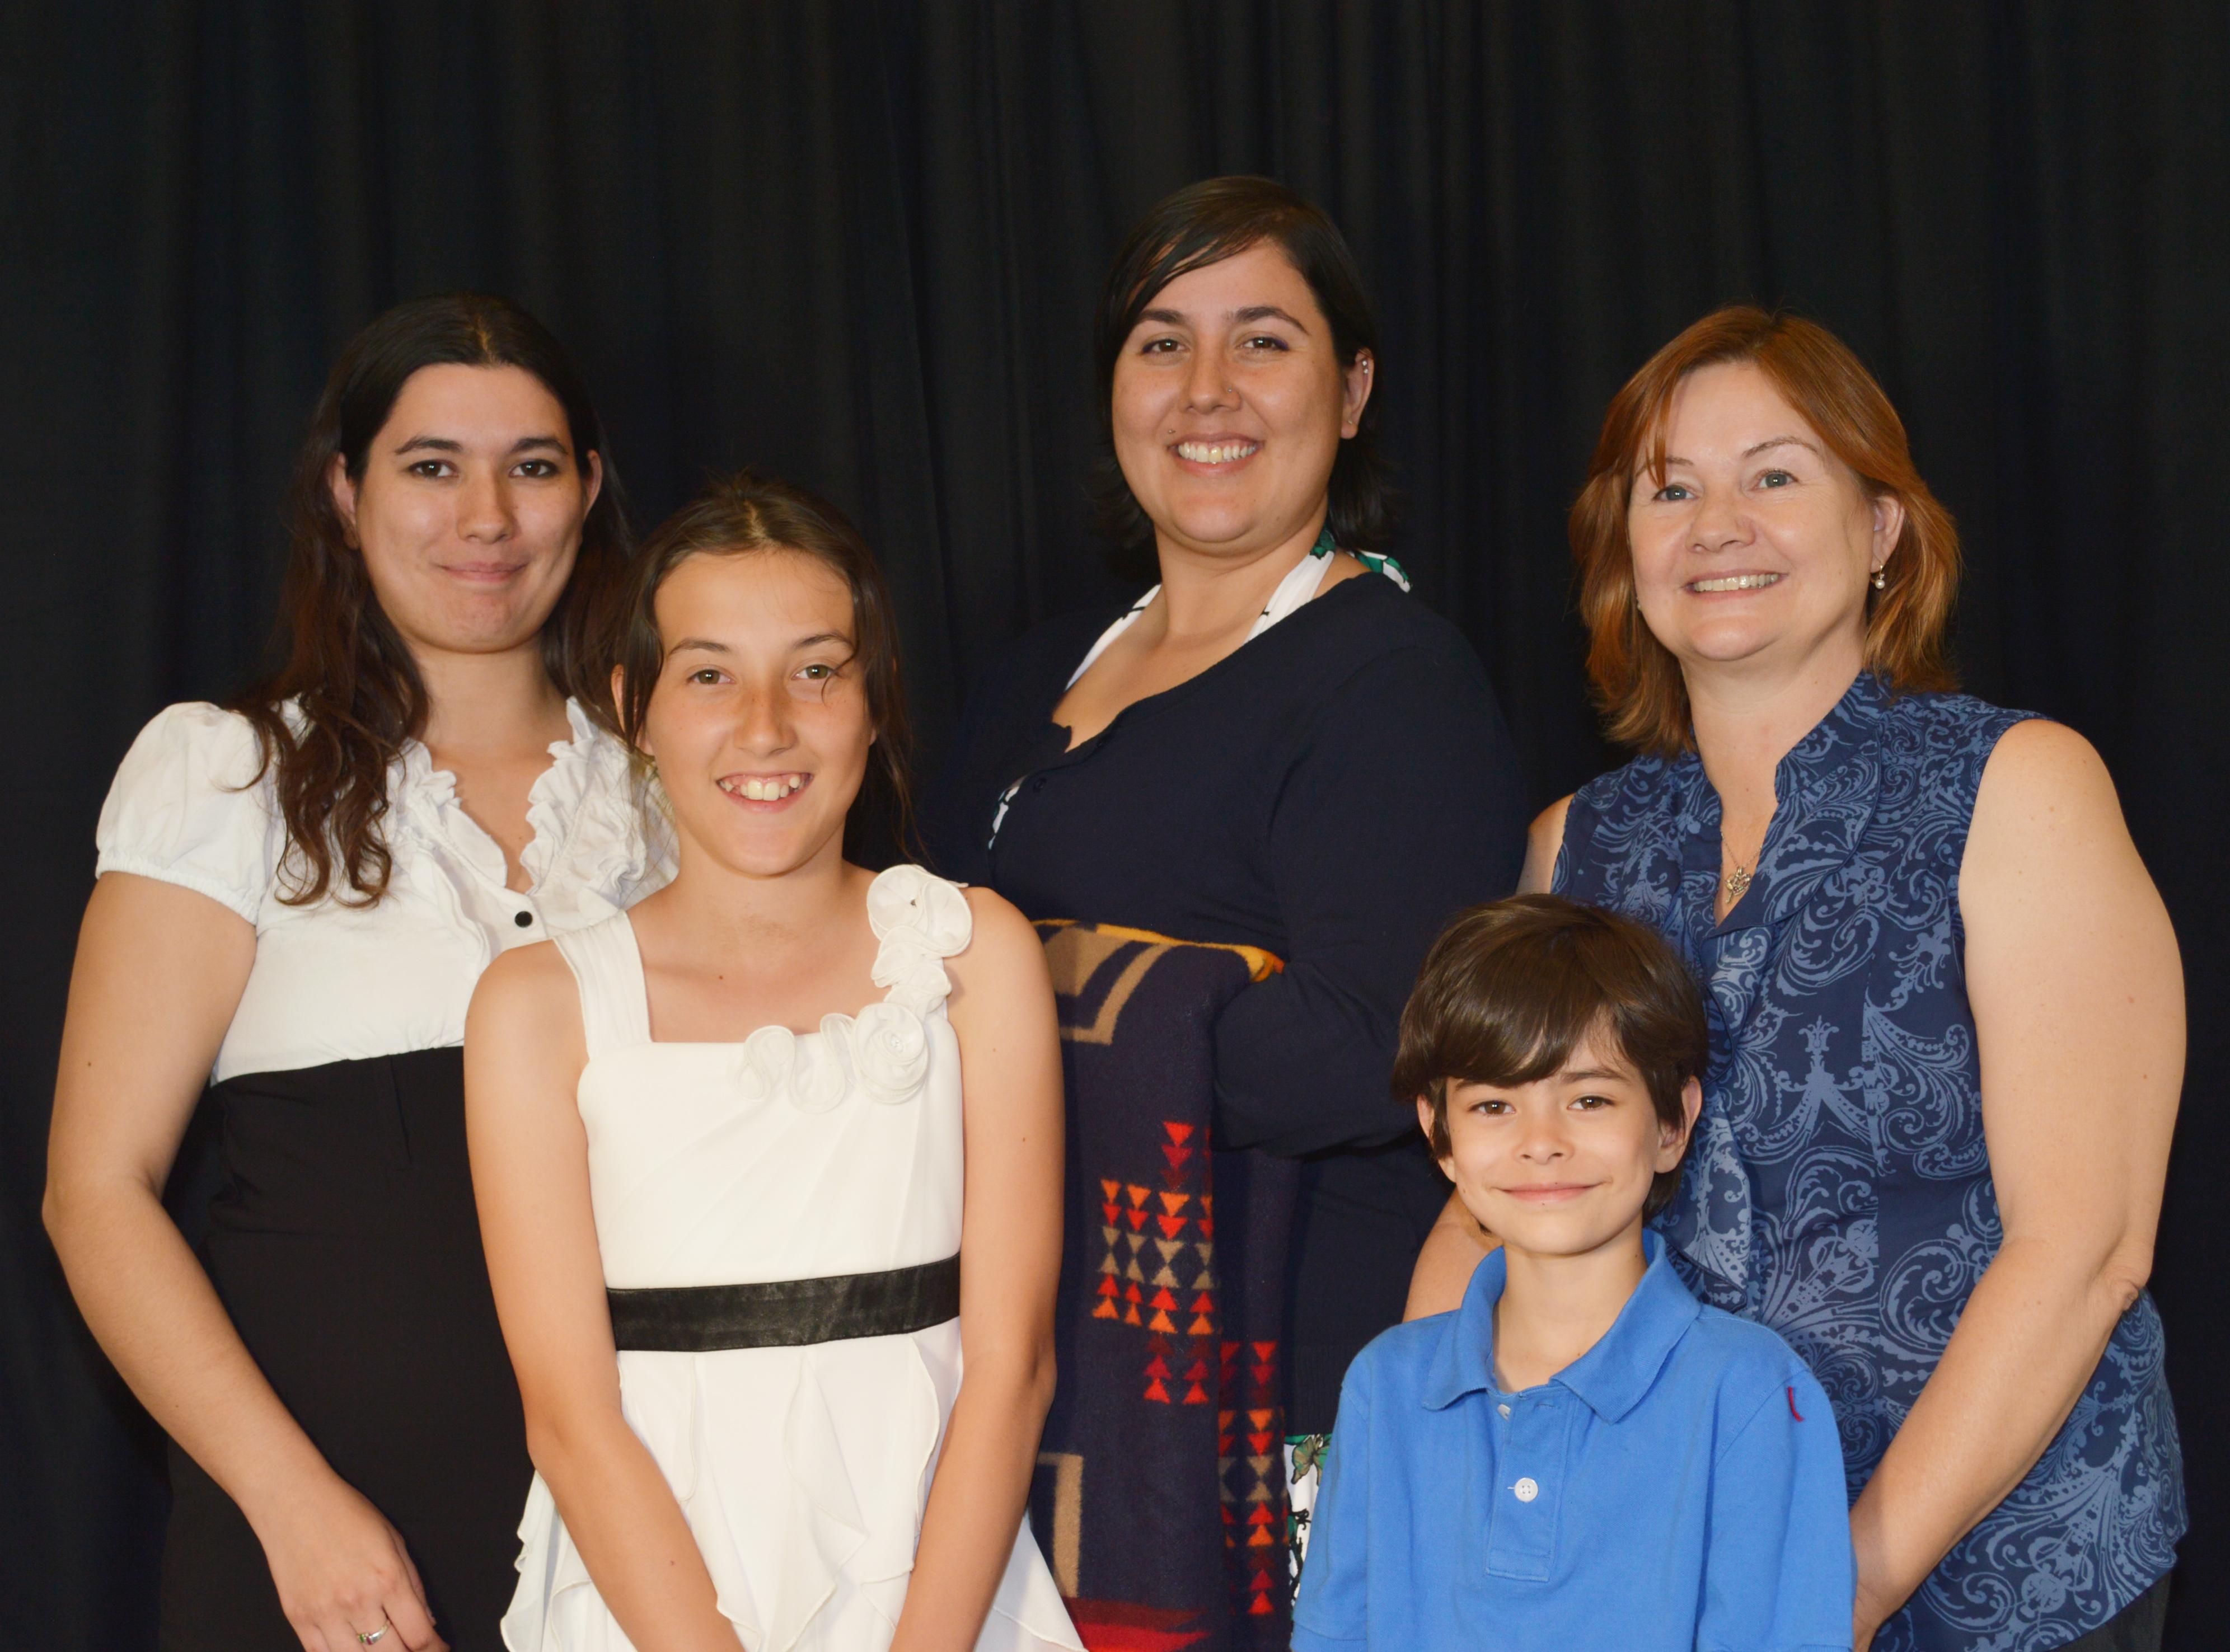 Shawndell Bowers con su familia.